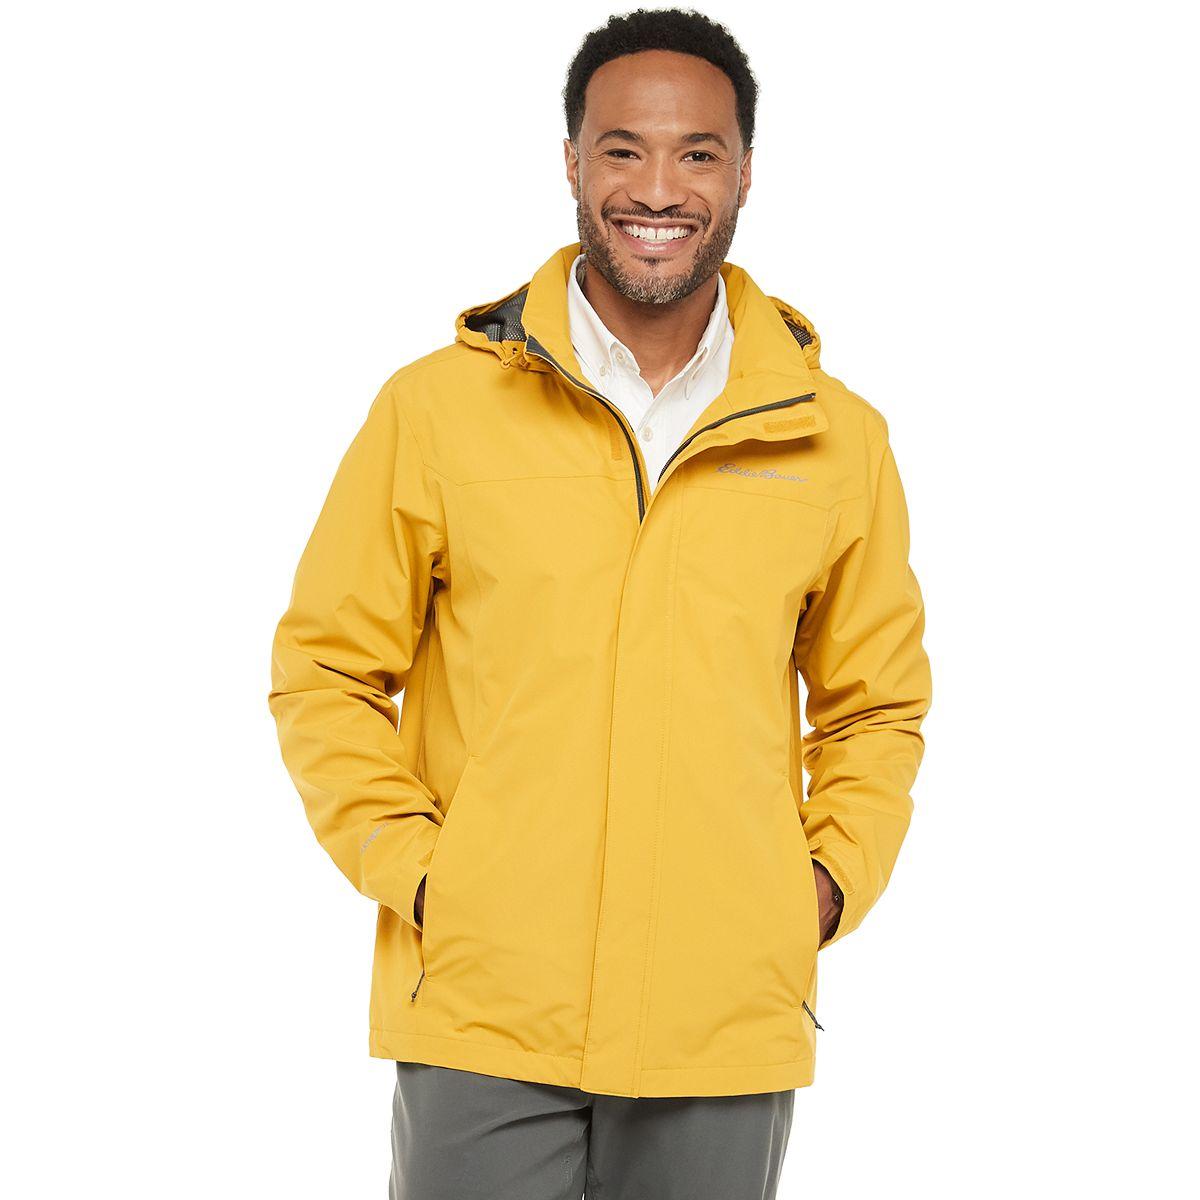 Eddie Bauer Men's Rainfoil Packable Jacket (various colors/sizes)